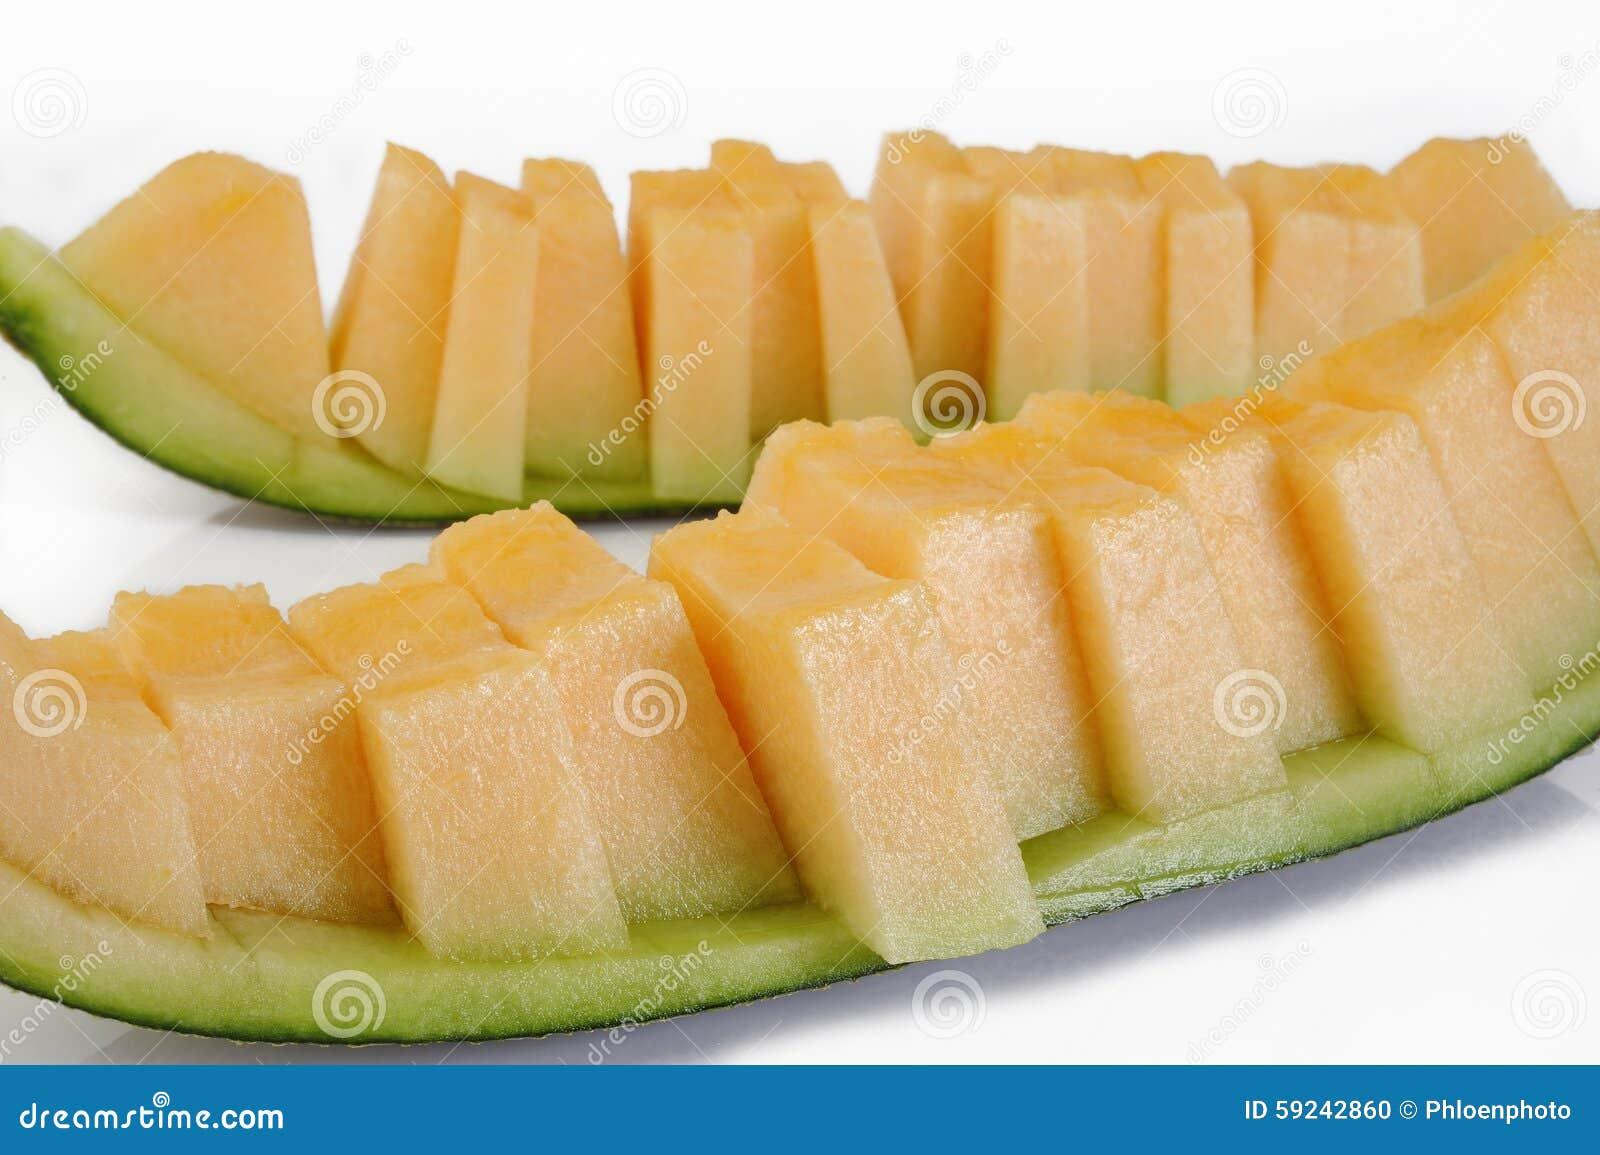 Download Rebanadas del melón foto de archivo. Imagen de alimento - 59242860